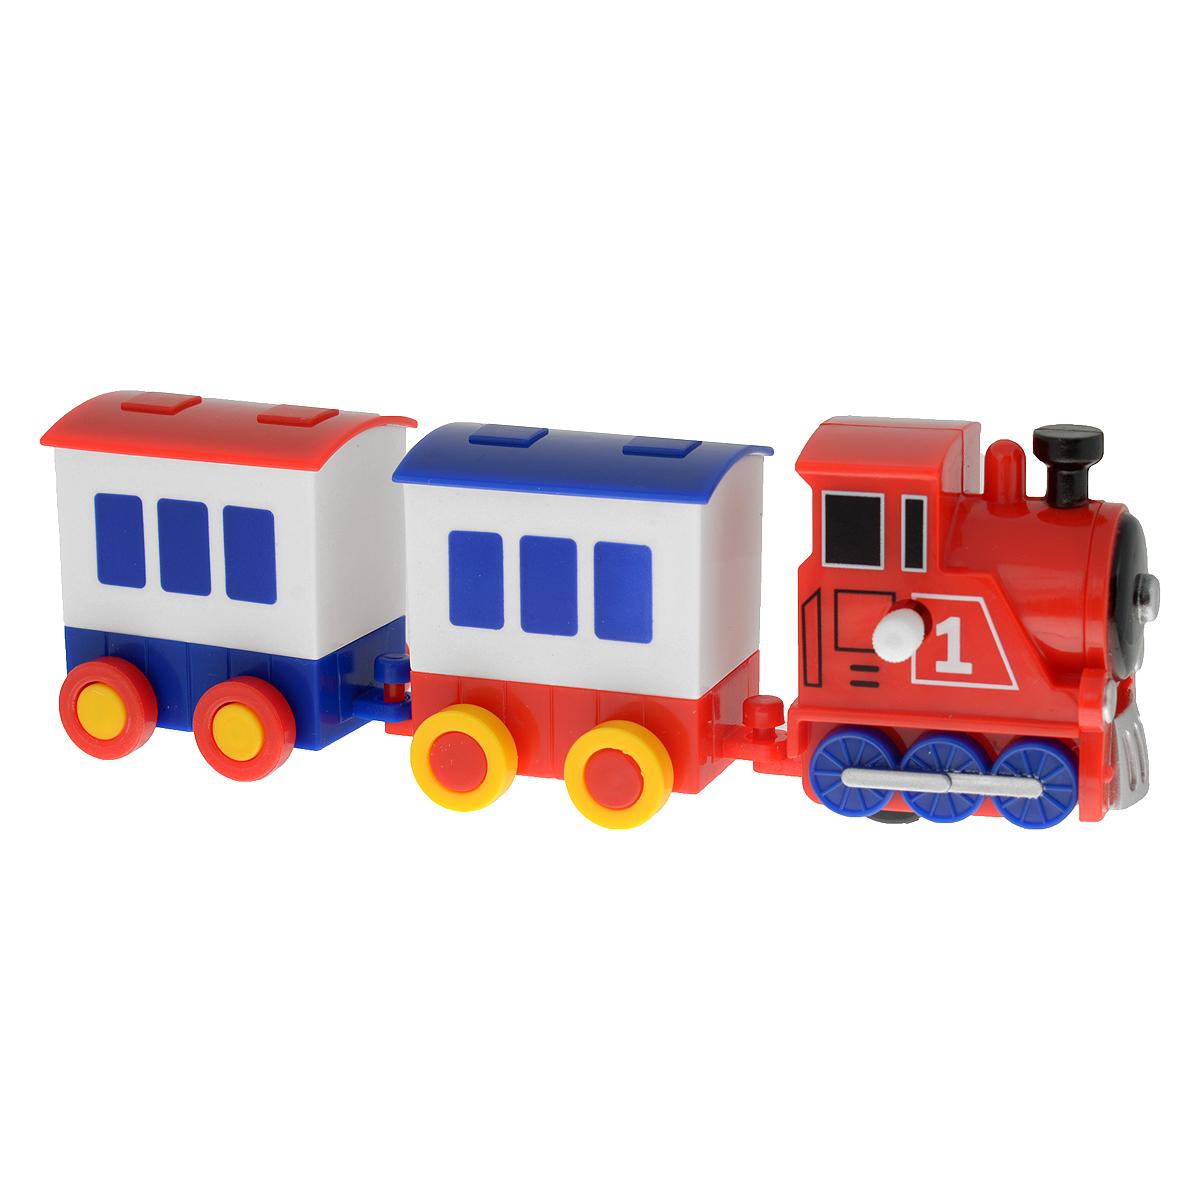 Игрушка заводная Hans Паровоз с вагонами, цвет паровоза: красный ключ hans 1161m38